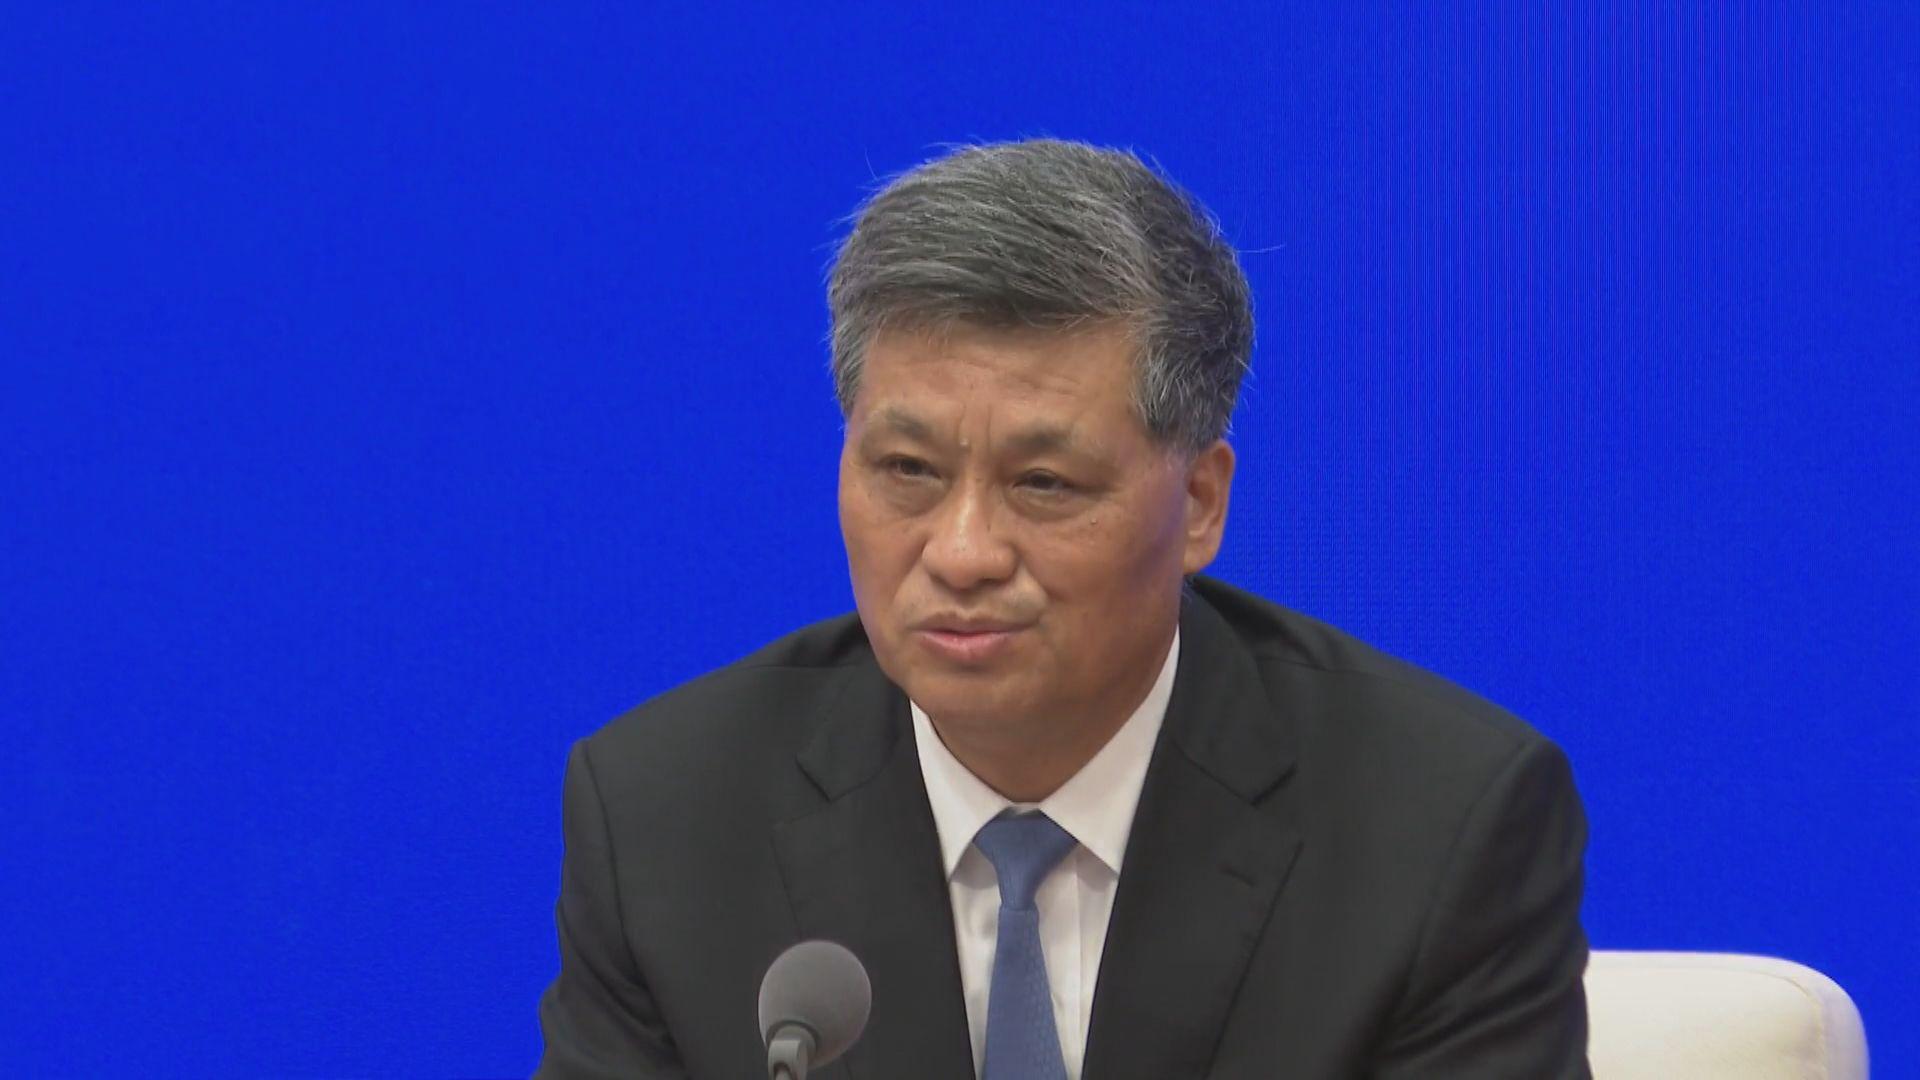 廣東省省長:下半年廣東經濟數據向好 但仍有壓力